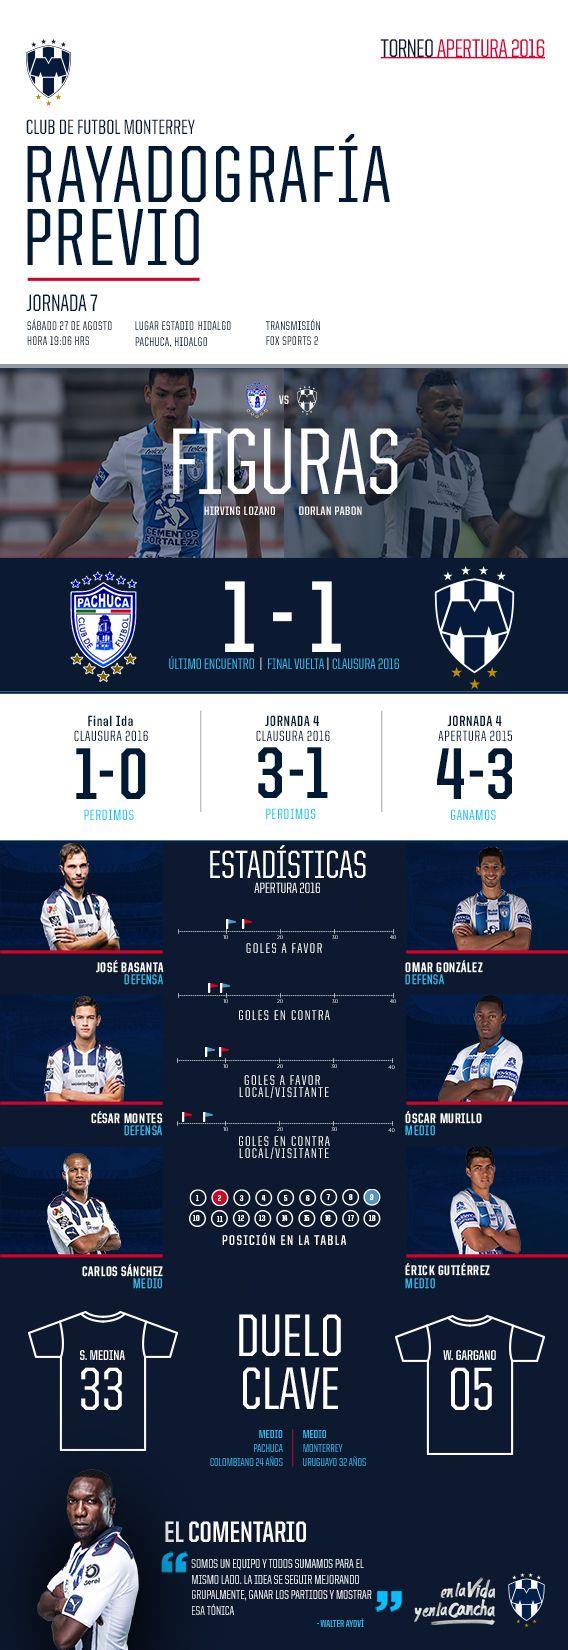 Rayadografía - Pachuca vs. Monterrey (Previo)